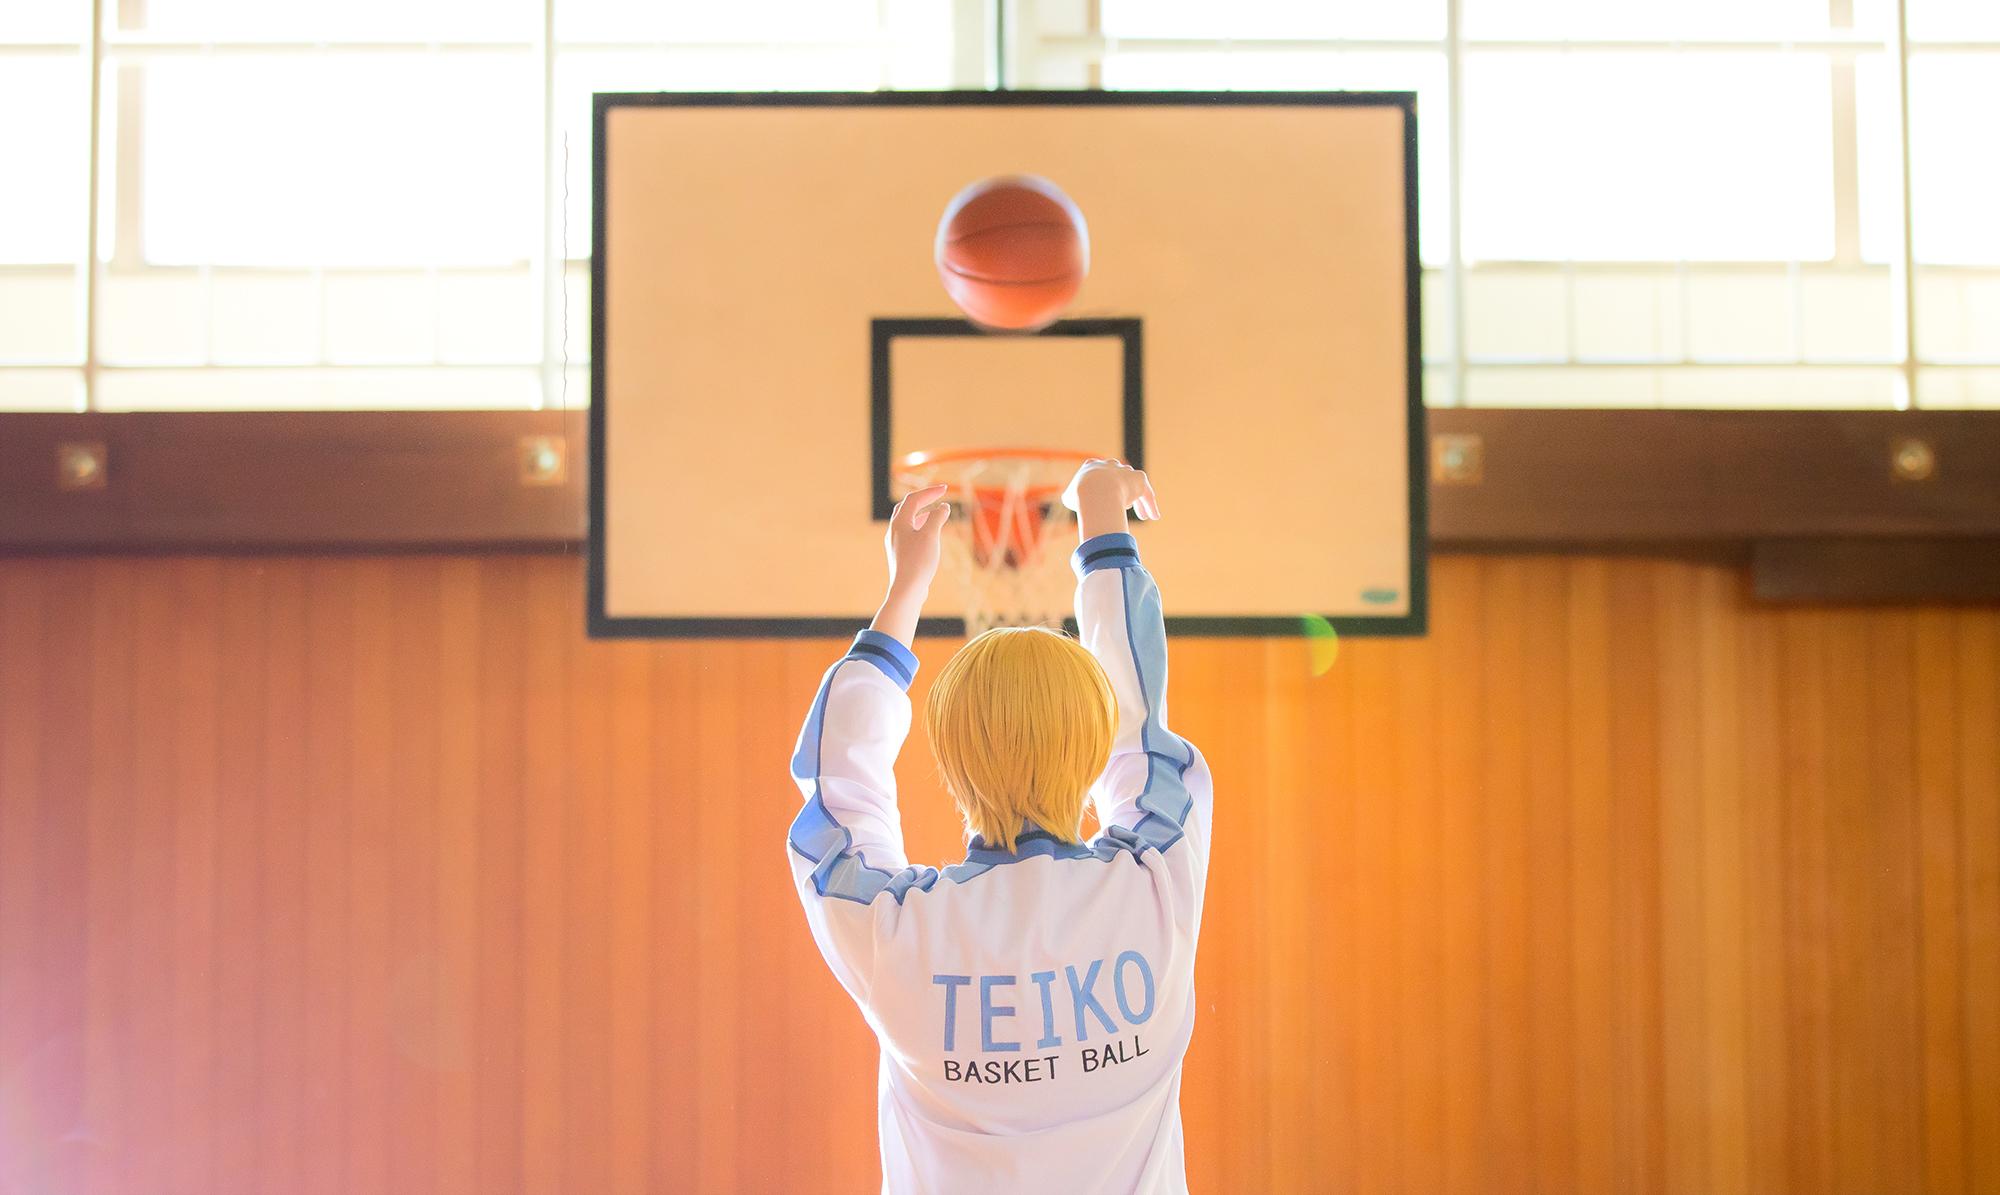 黒子のバスケ黄瀬涼太コスプレ帝光ジャージ体育館ロケバスケットゴール